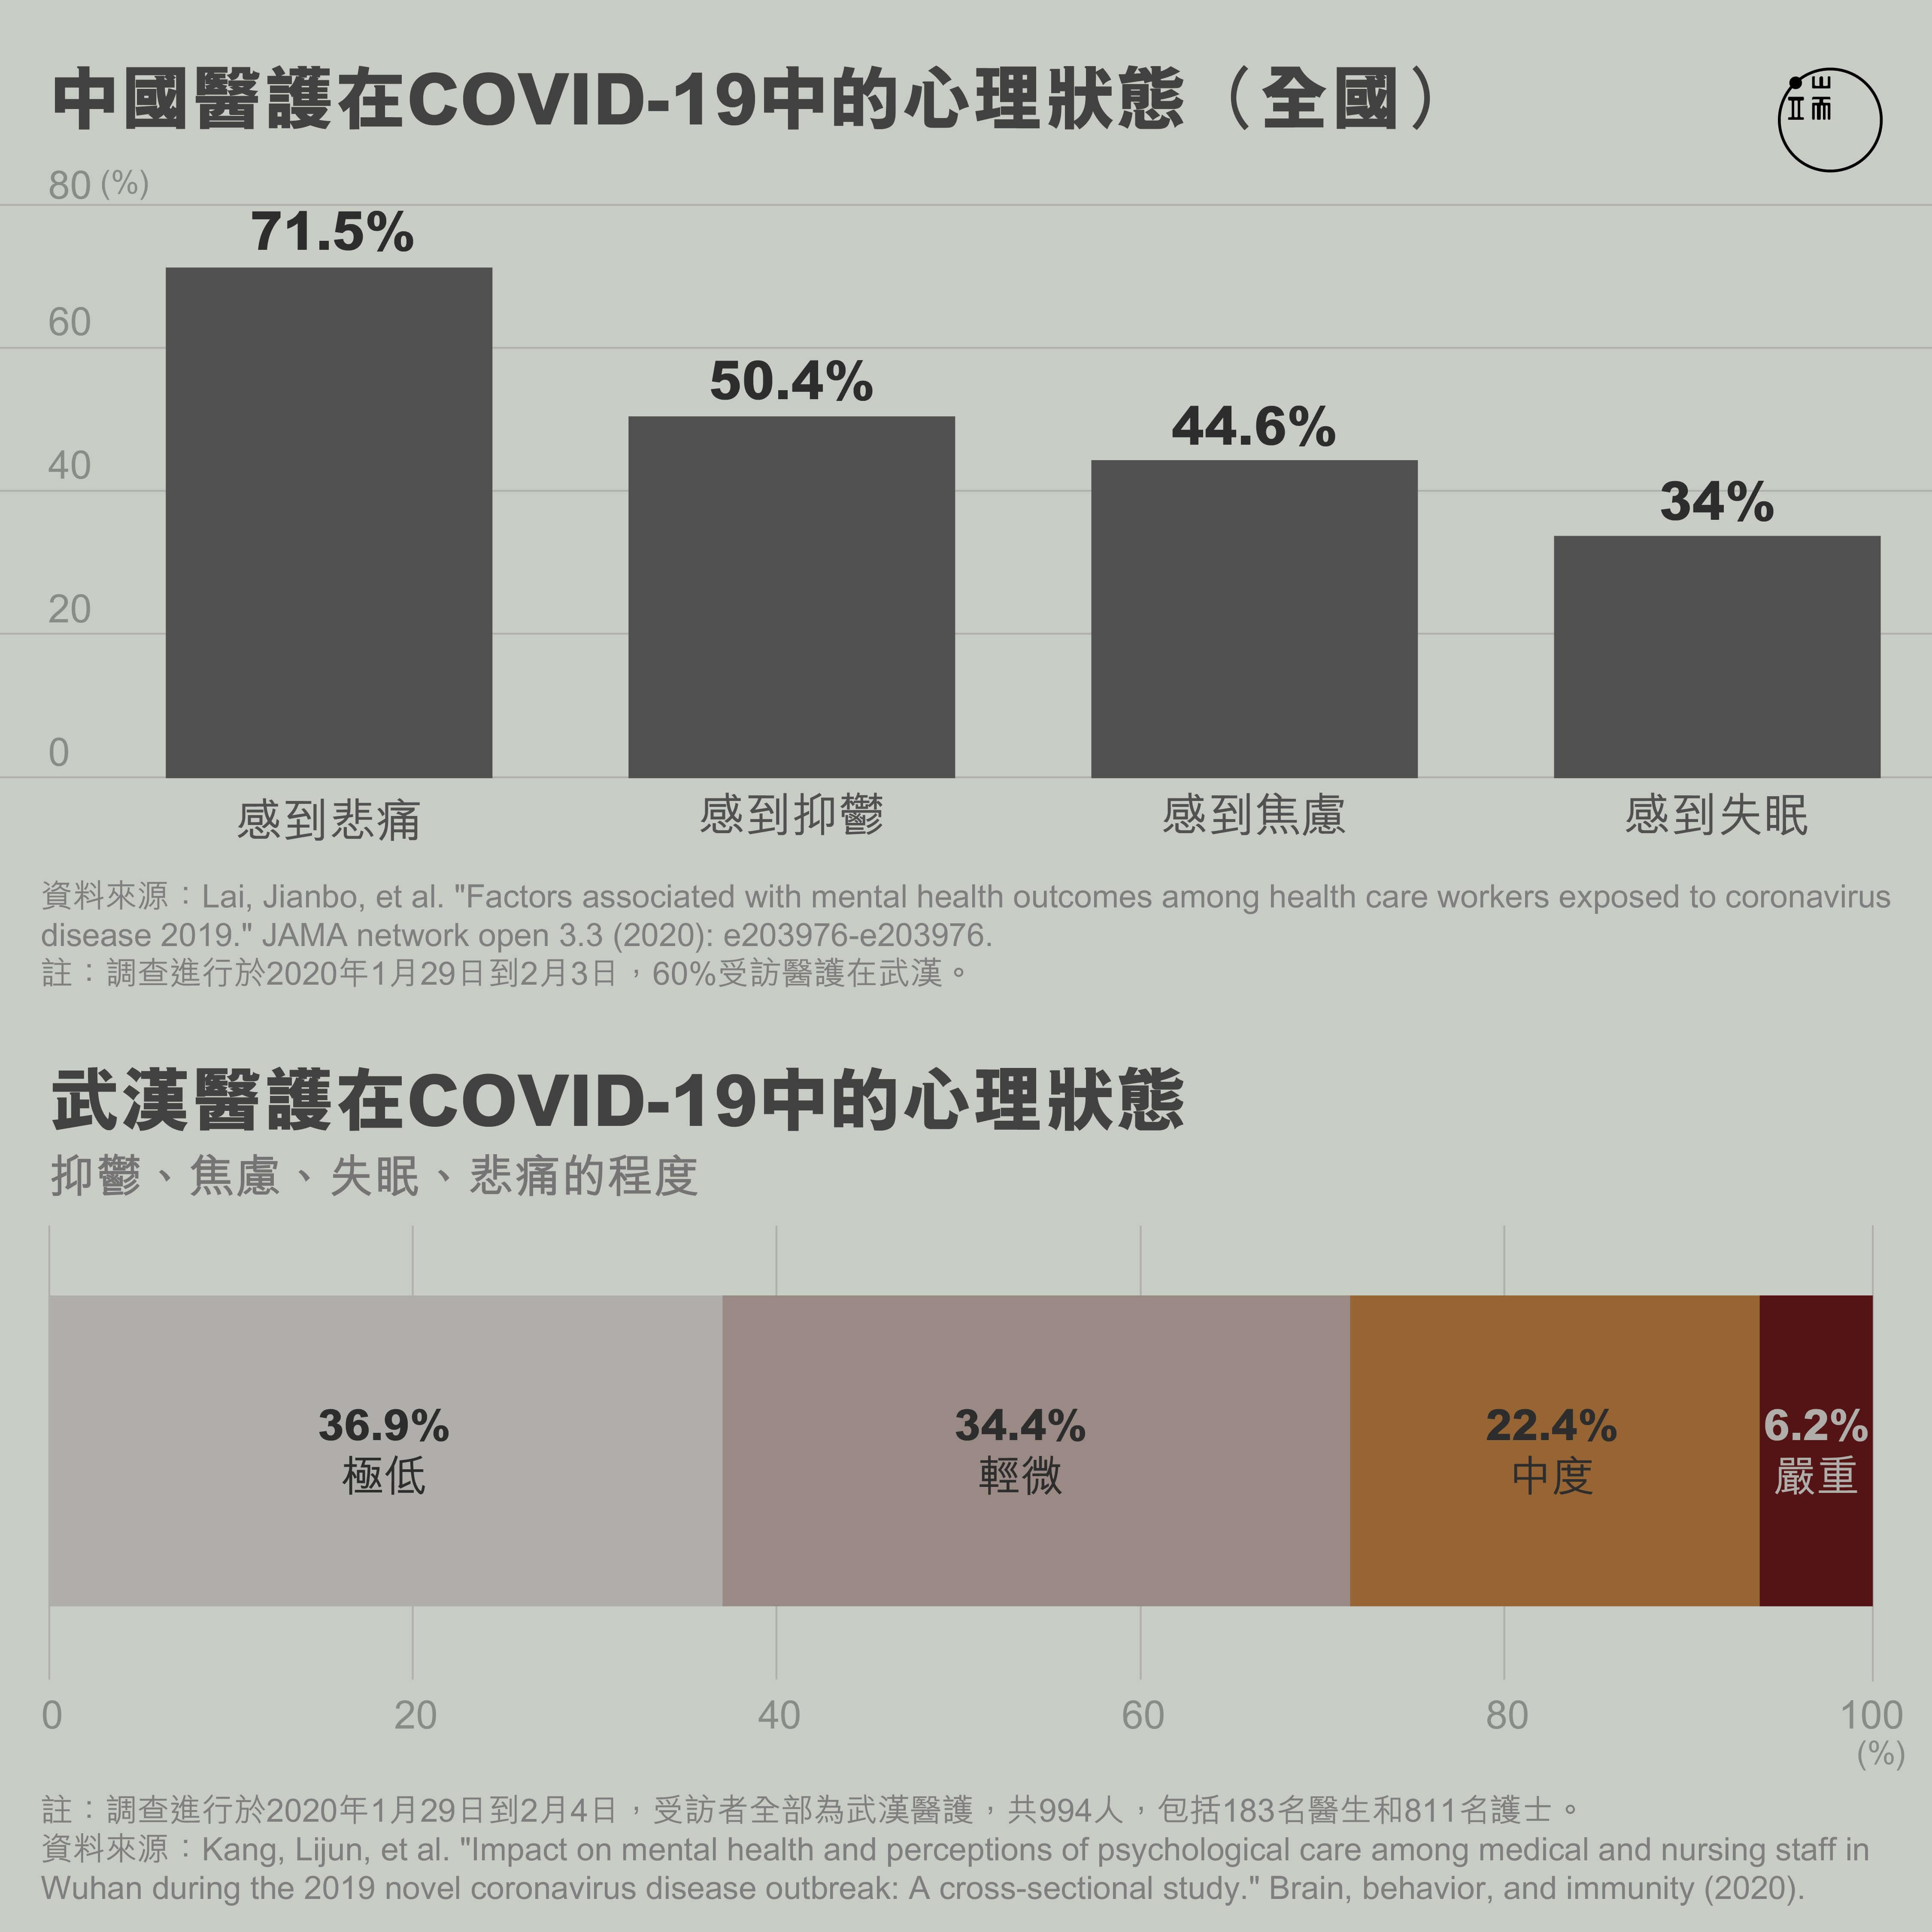 中國醫護在COVID-19中的心理狀態